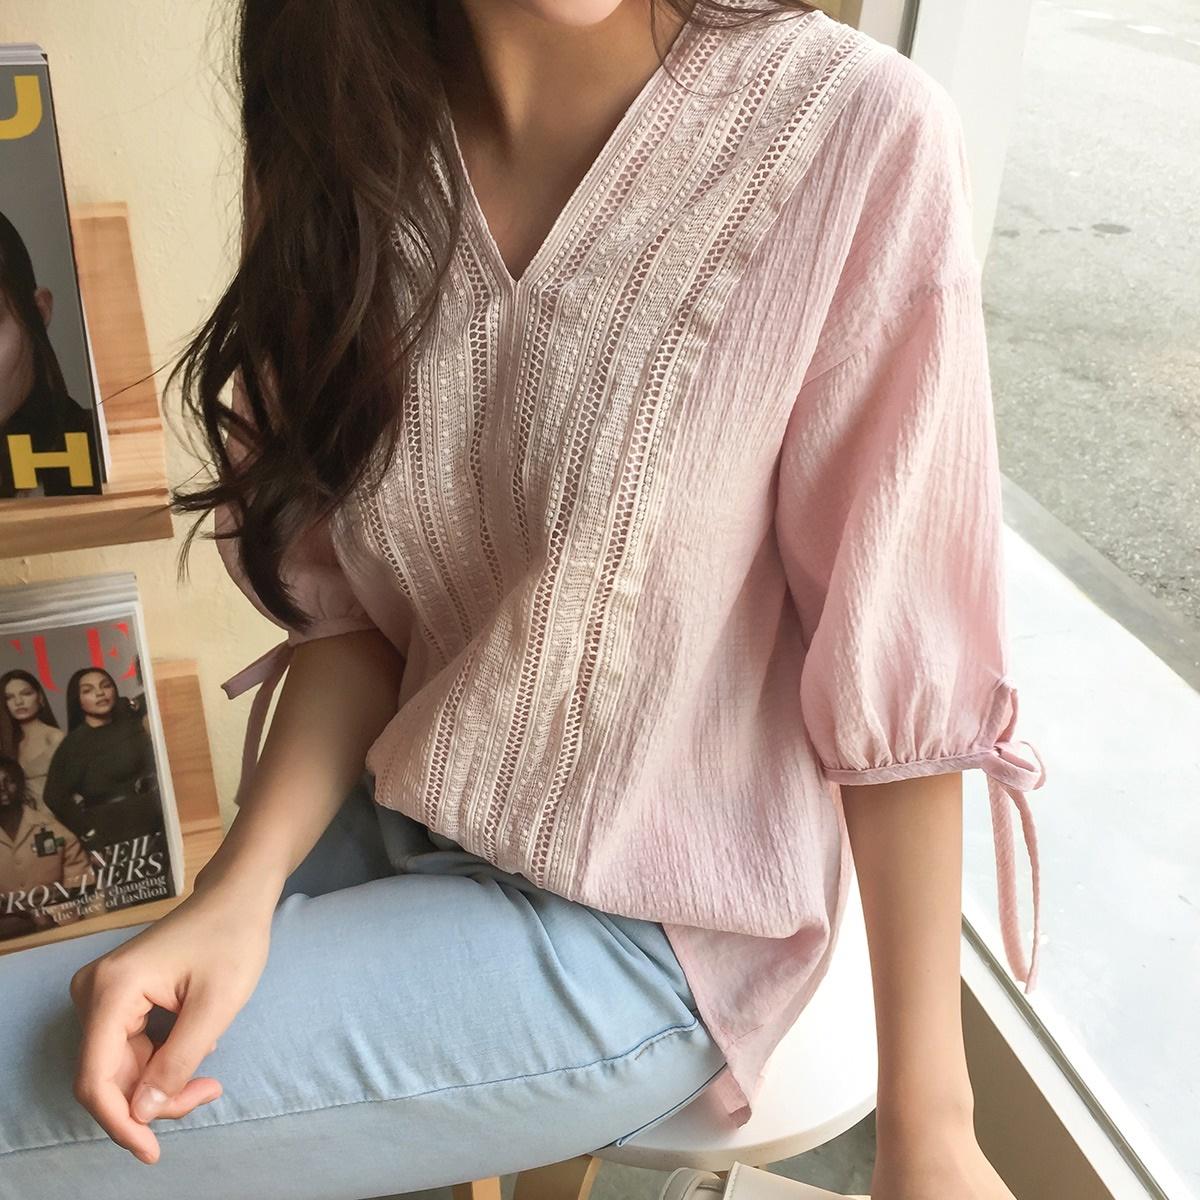 韓國正品 CHERRYKOKO 夏季新品 roller sweet 繡花荷葉邊袖子上衣